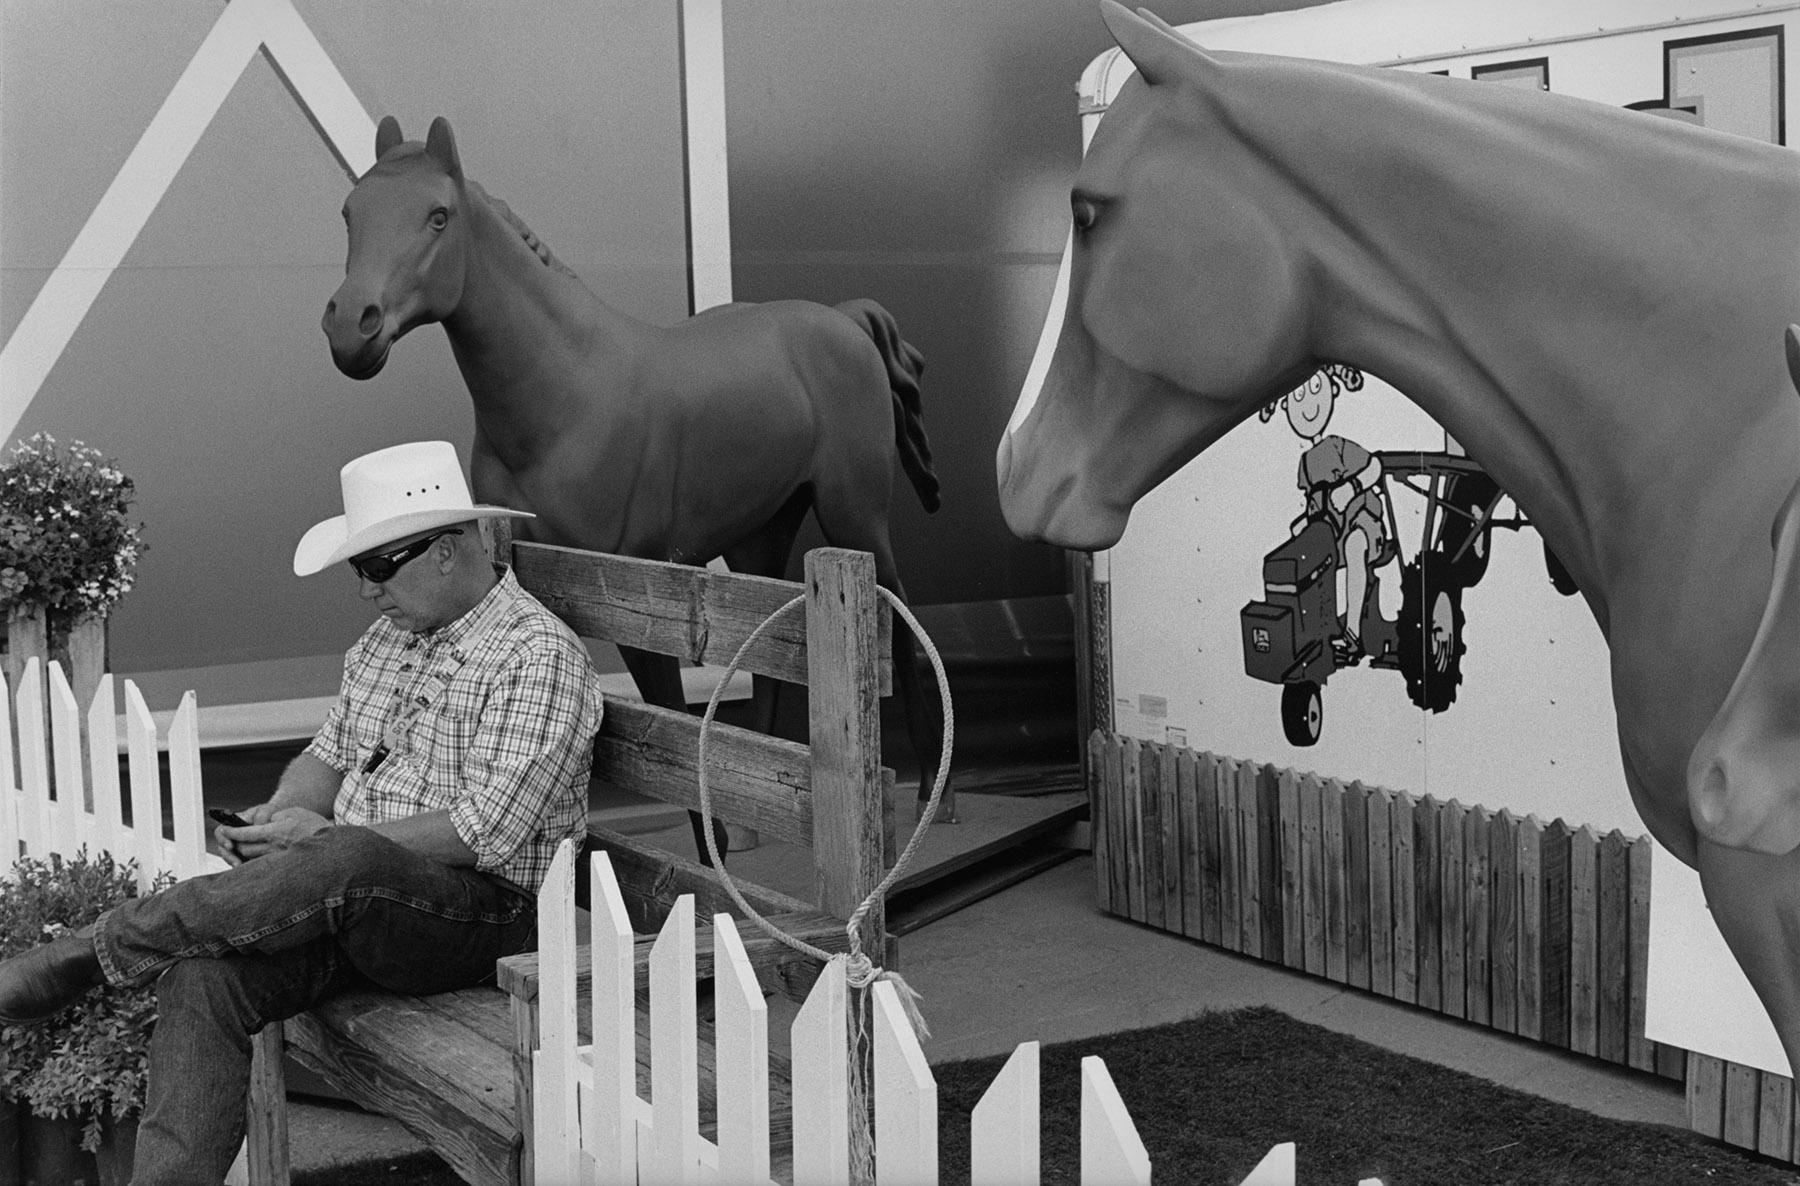 guy two horses.jpg